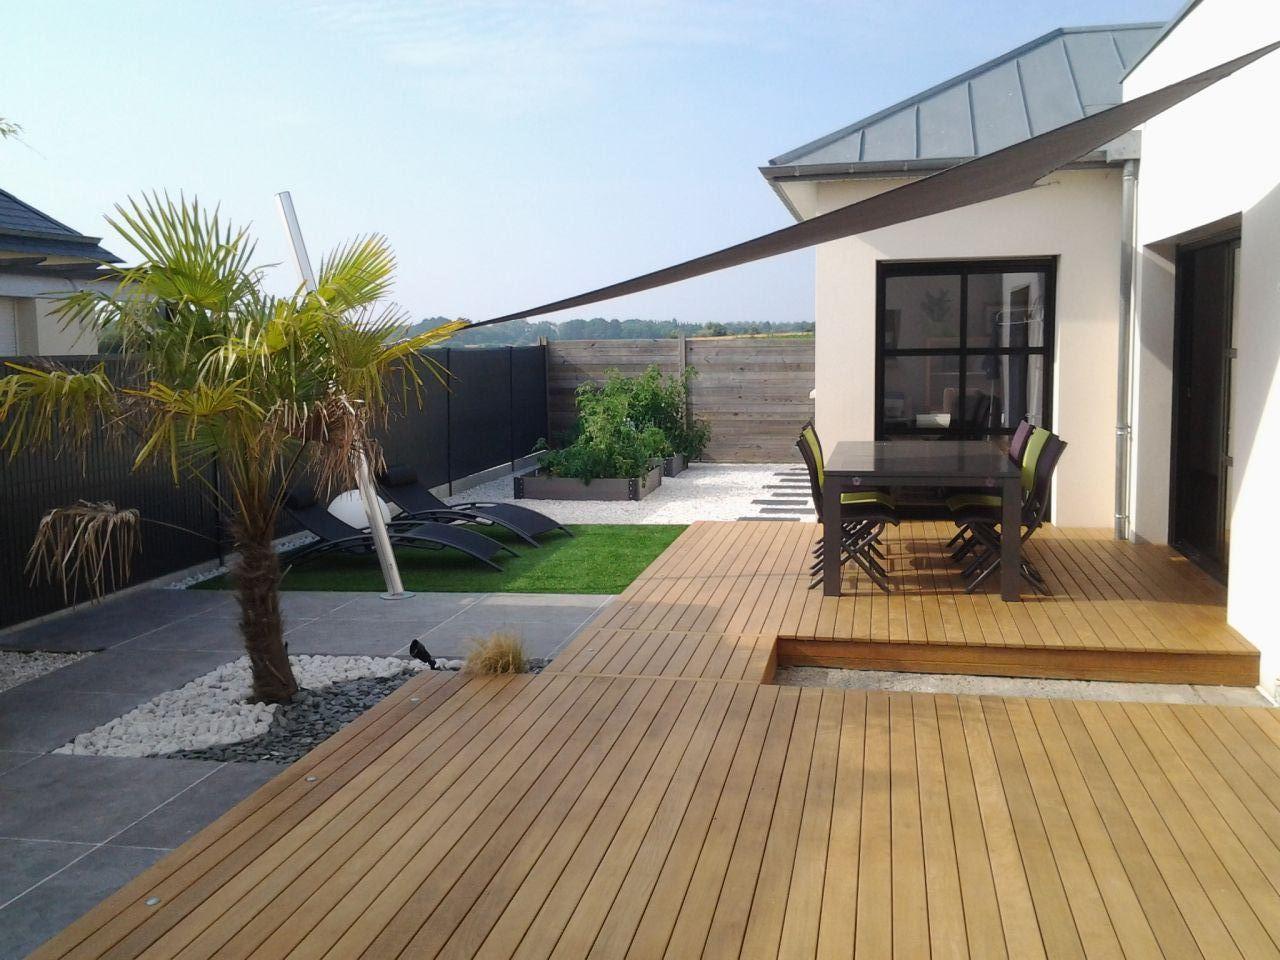 Terrasse en ipé - St Meloir Des Ondes (Ille Et Vilaine - 35) - juillet 2014